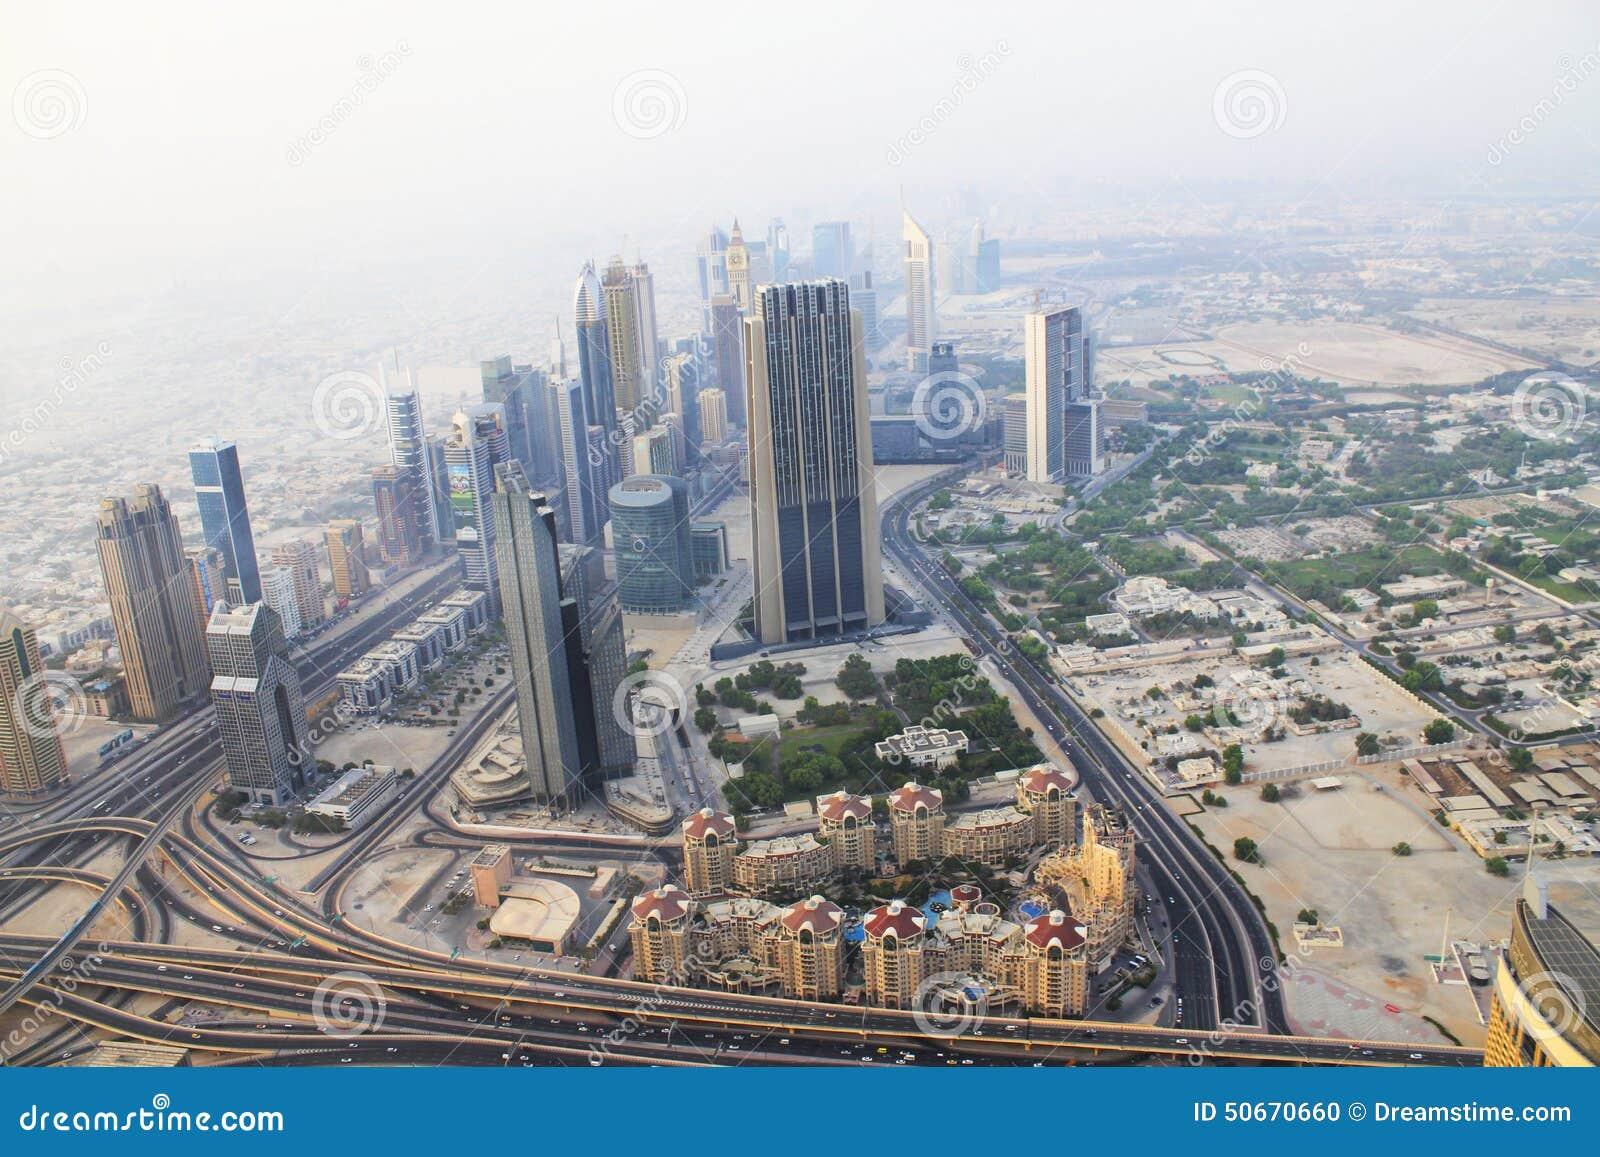 dubai burj khalifa el edificio ms alto del mundo imagen editorial